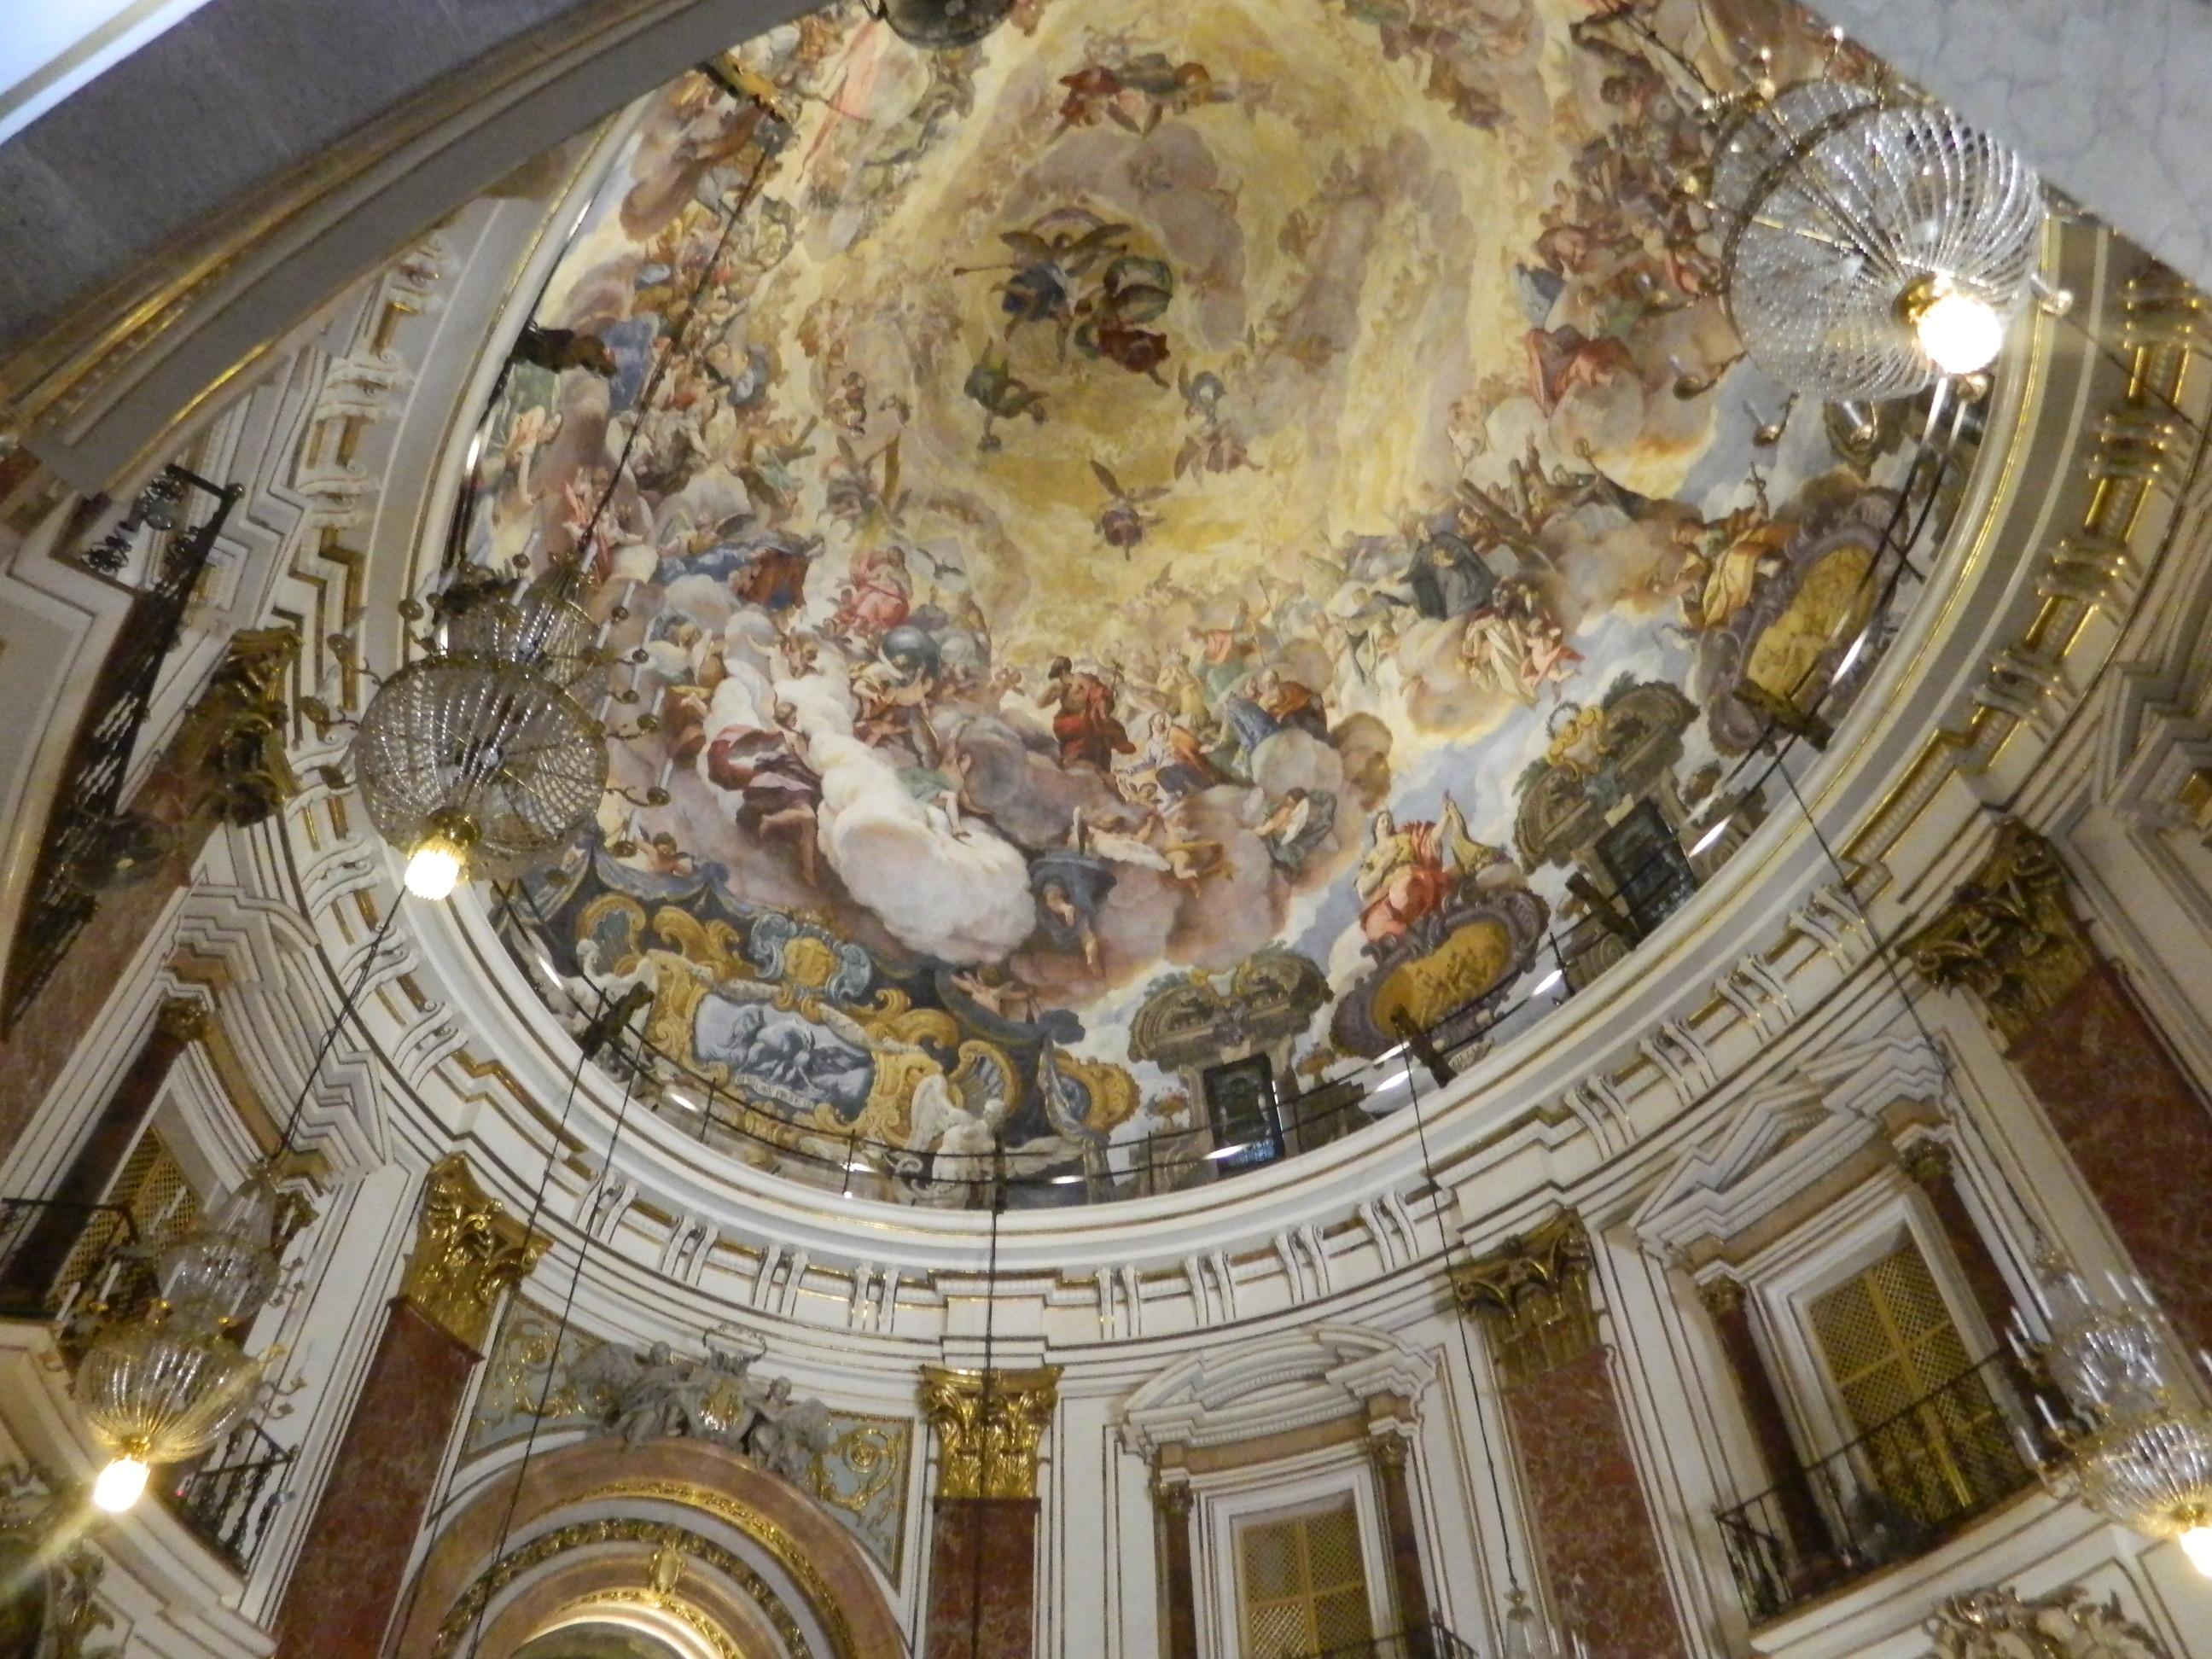 Antonio Palomino: Cúpula de la basílica de la Virgen de los Desamparados, Valencia.